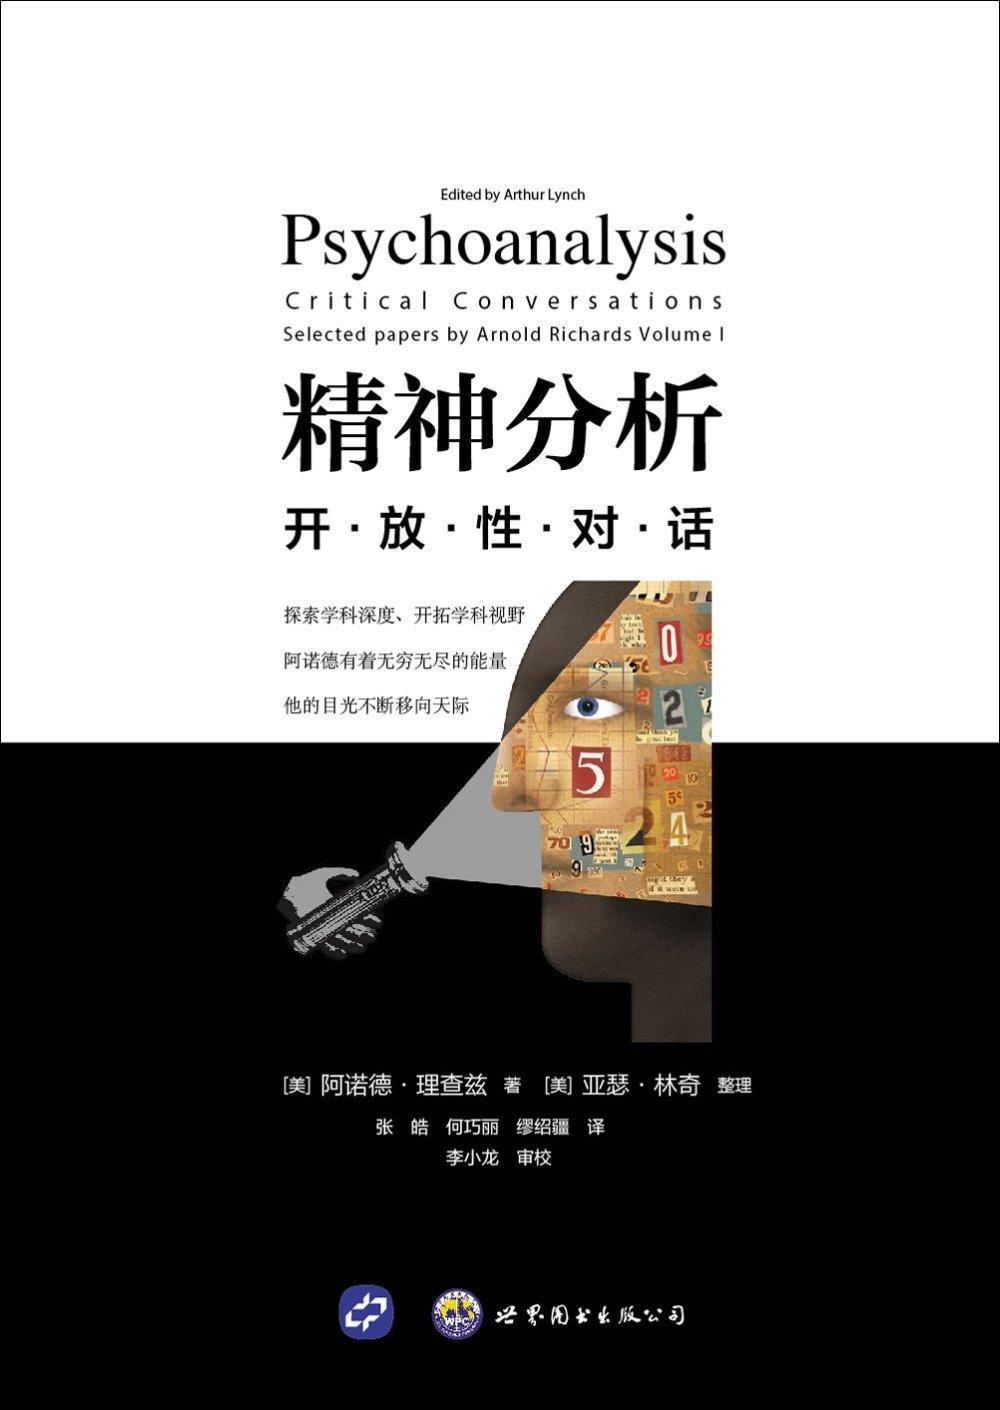 精神分析:開放性對話